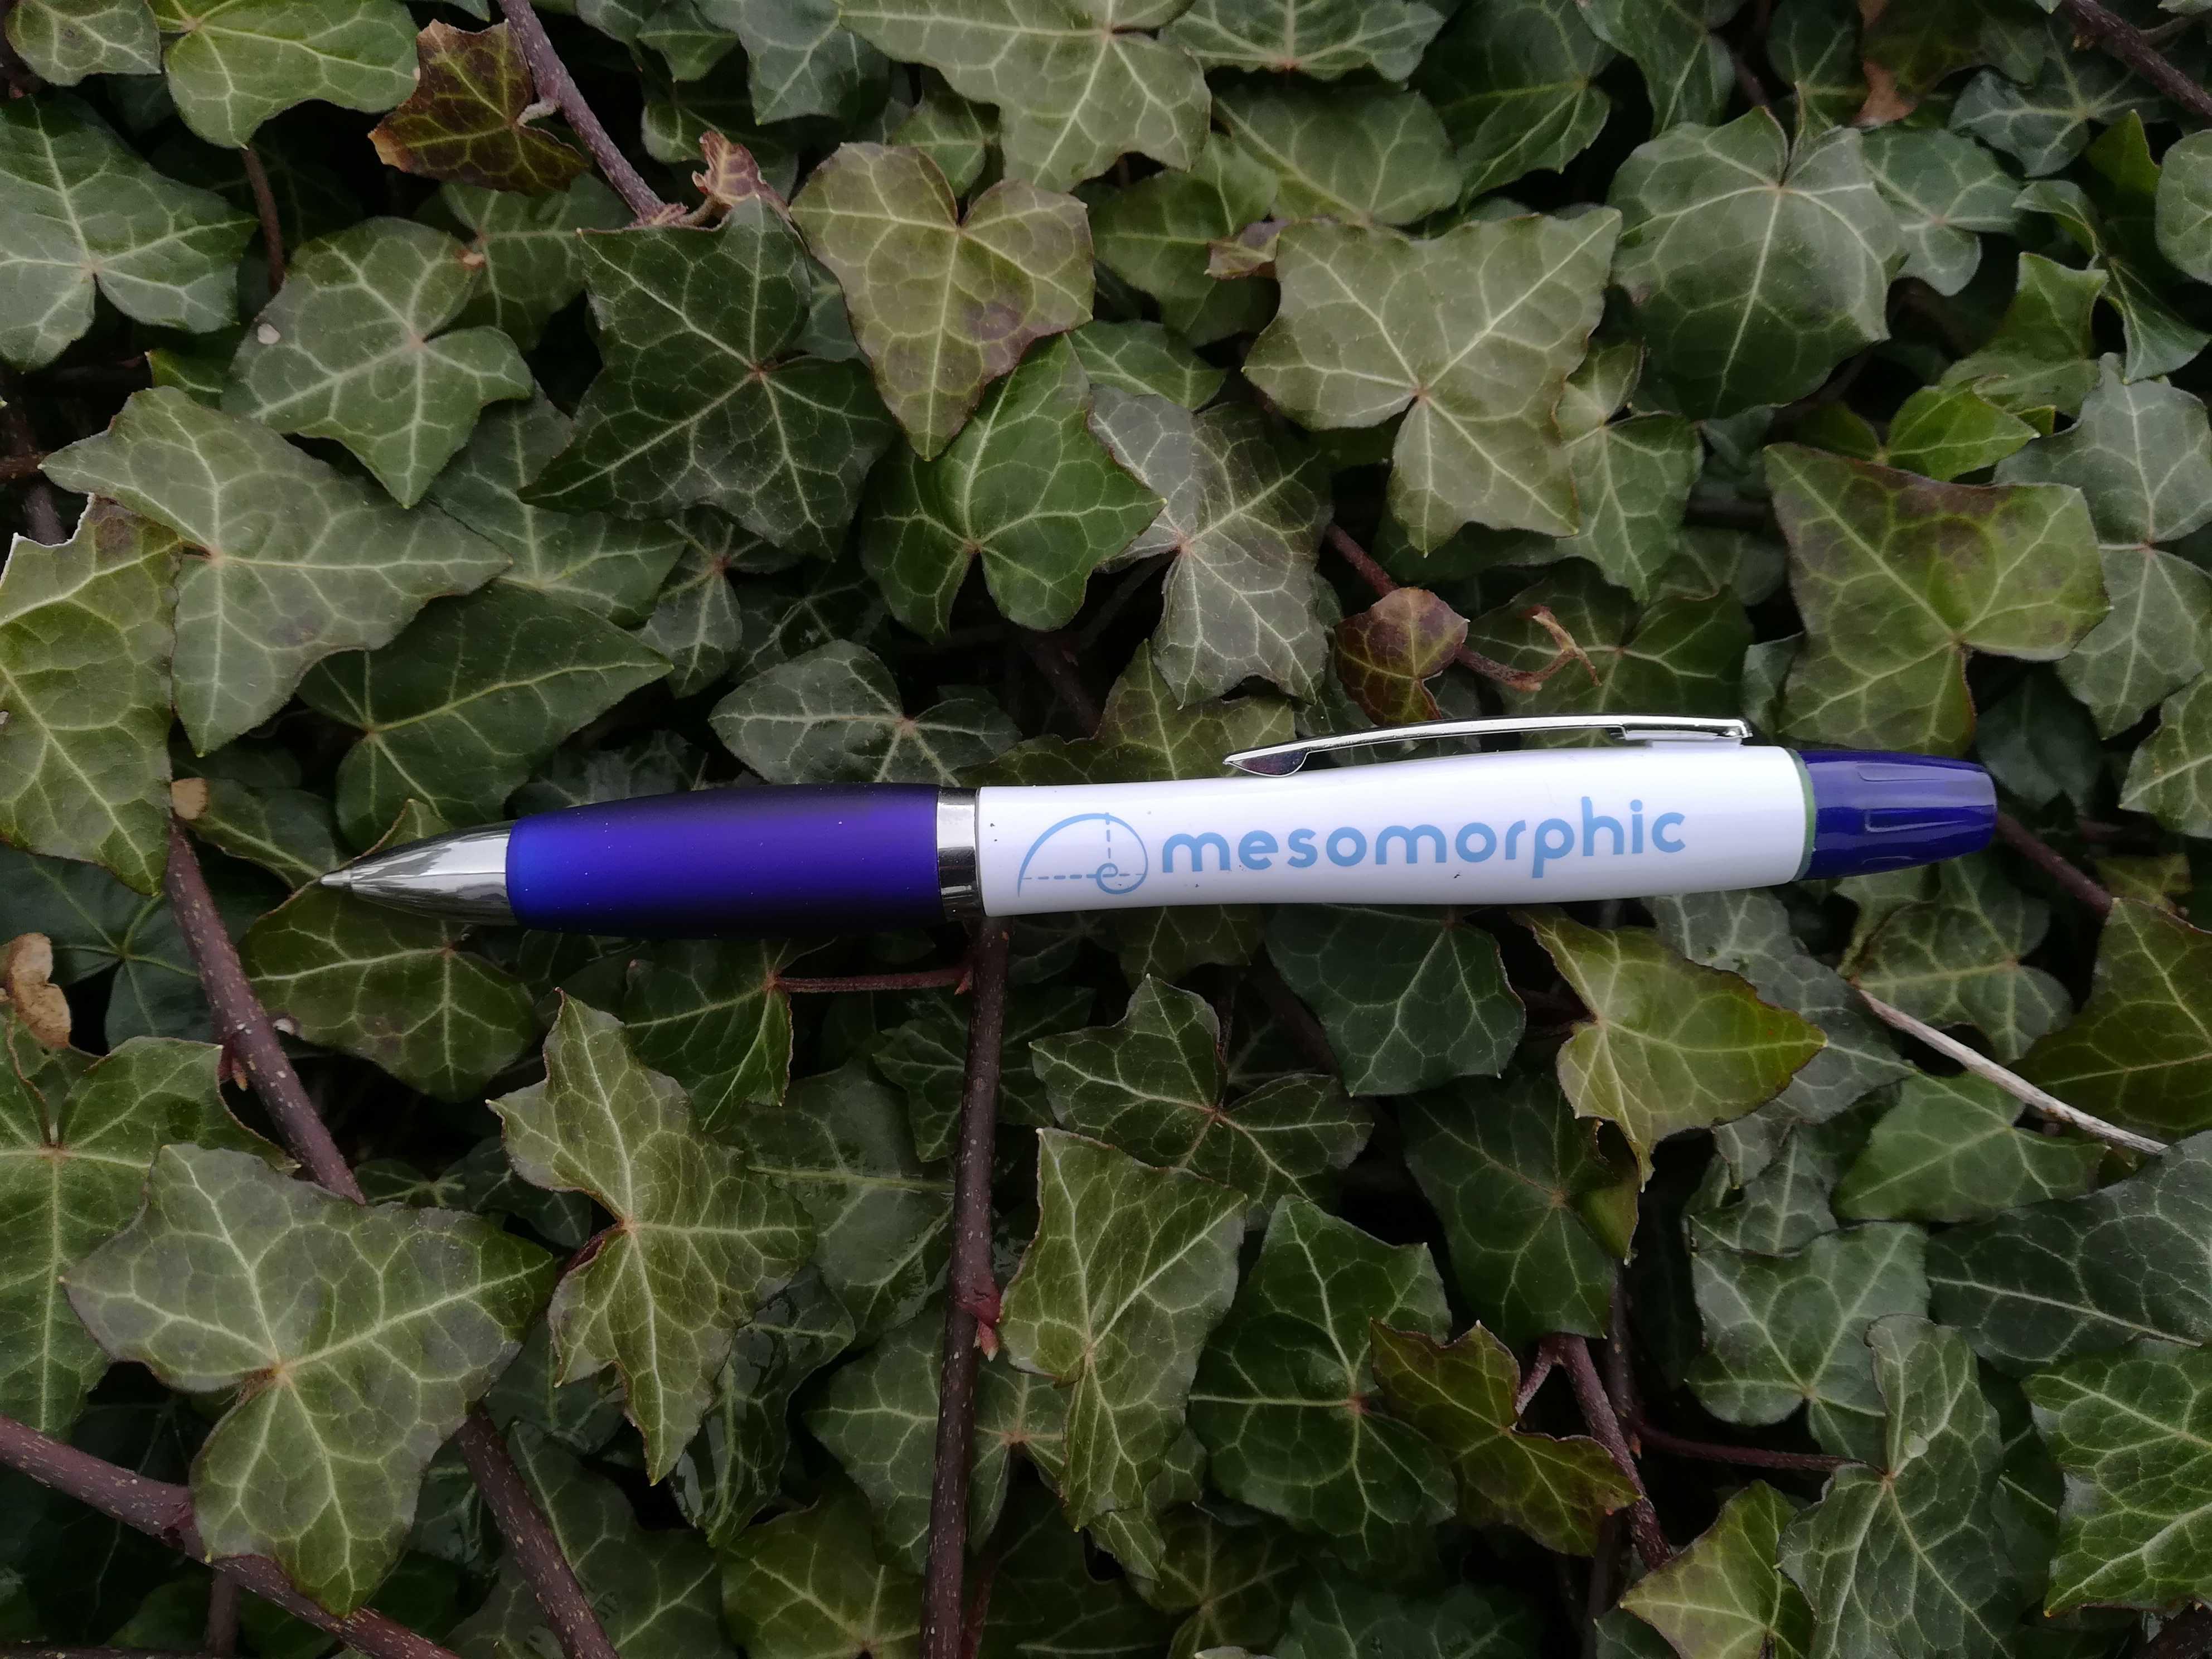 Mesomorphic Pen